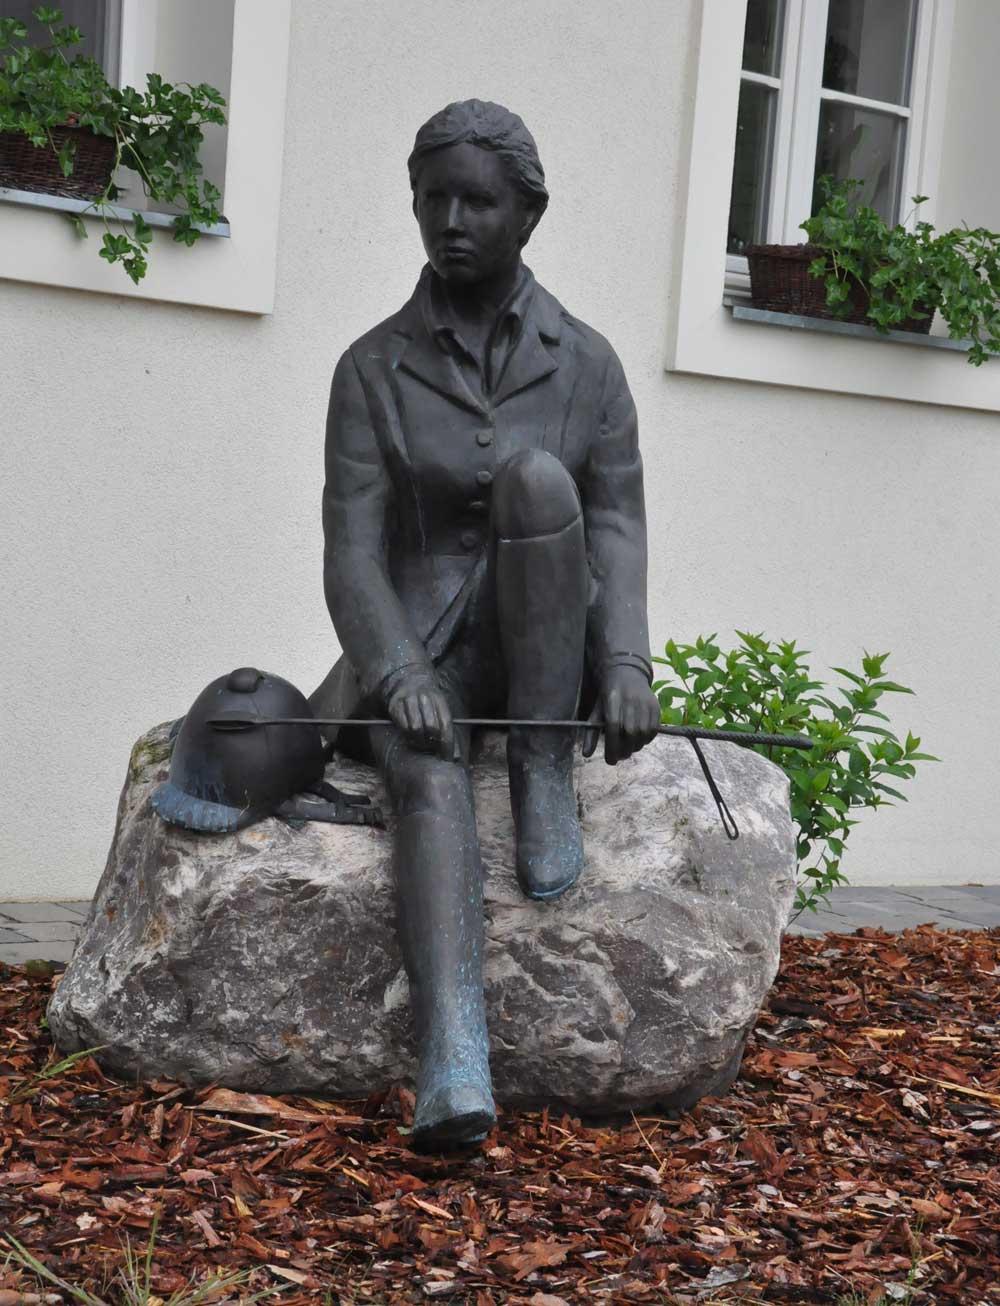 Rzeźba portretowa - młoda kobieta w stroju jeźdźca z toczkiem i palcatą